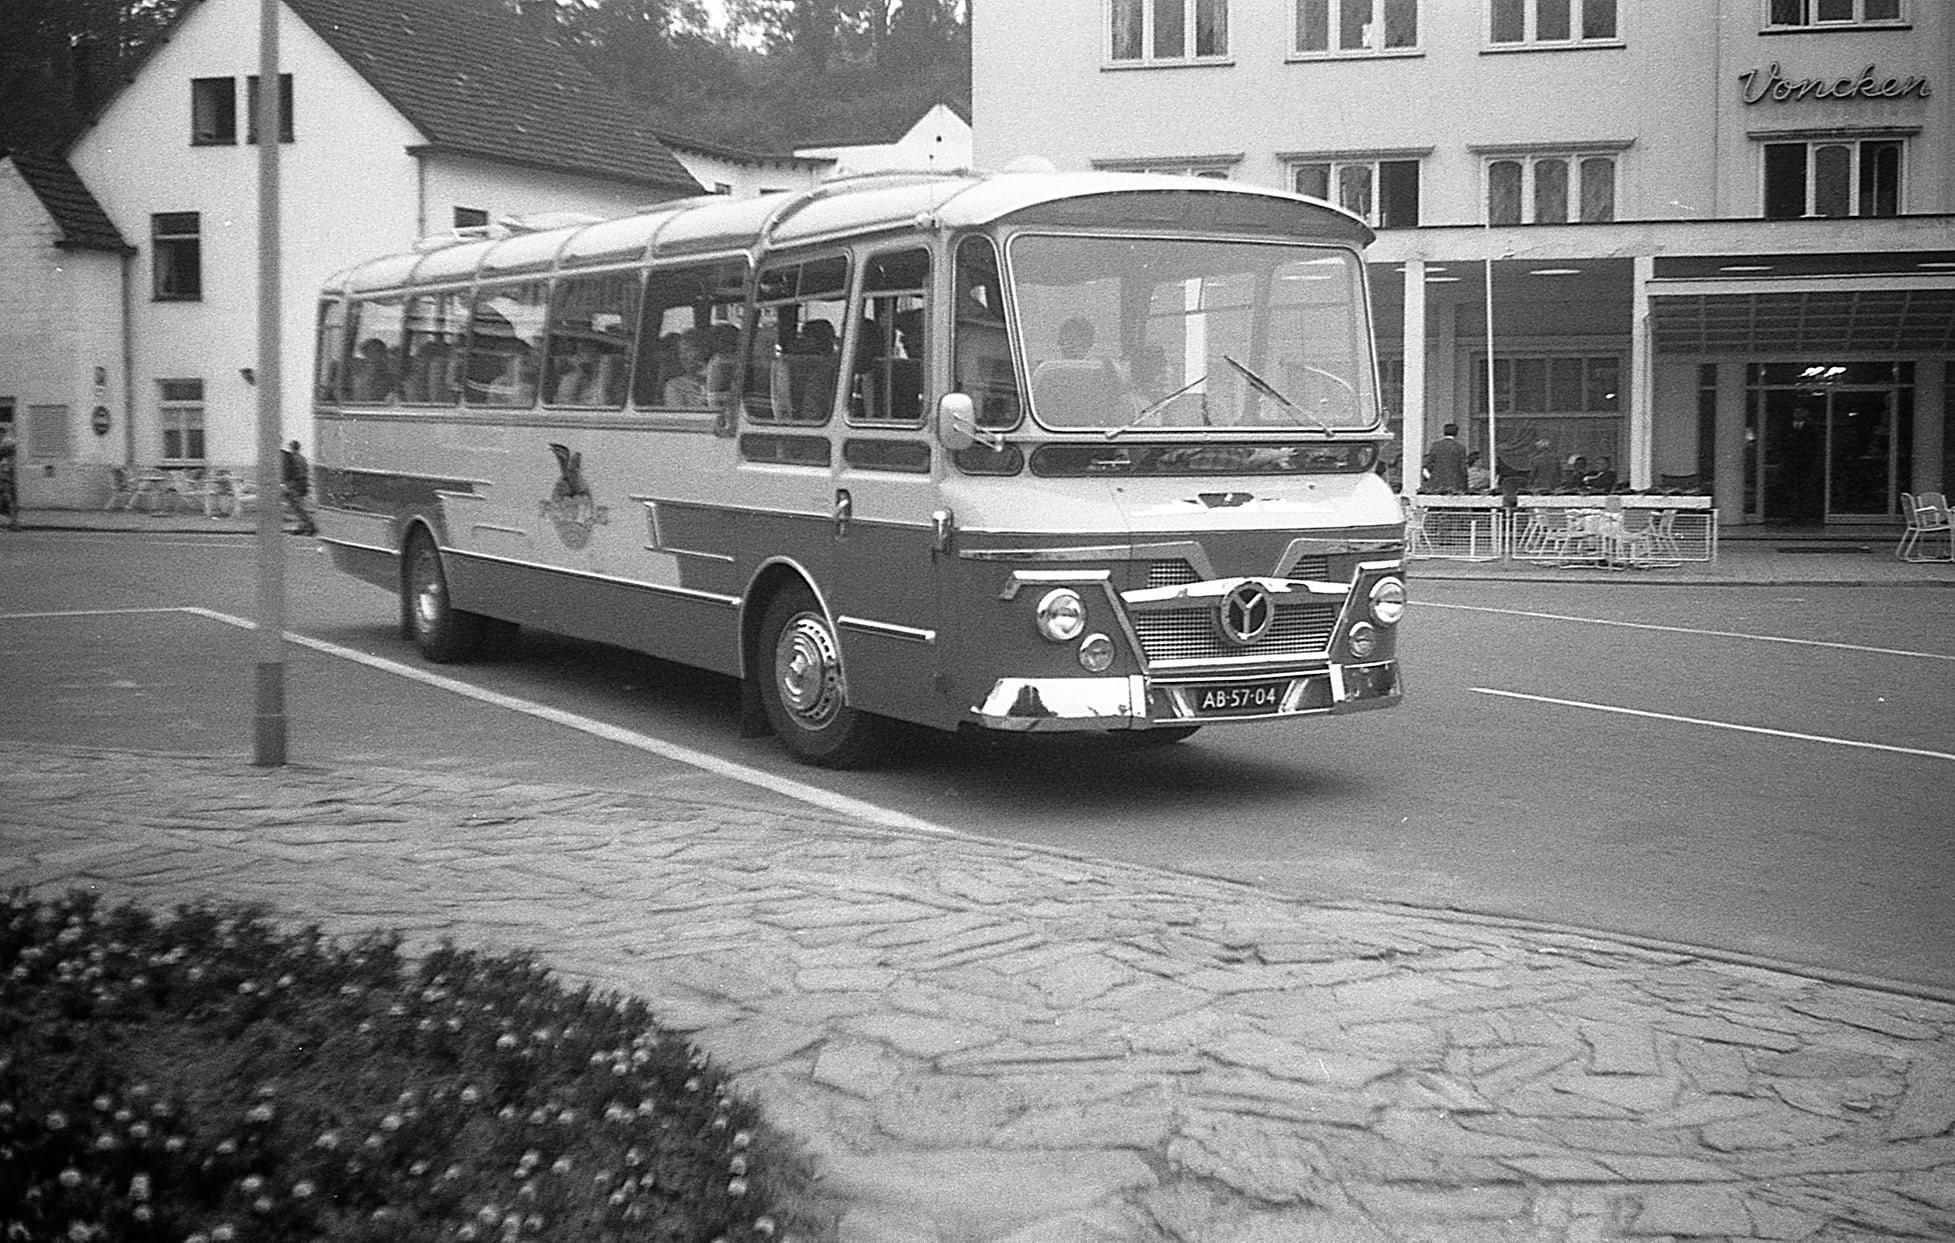 Valkenburg-AB-57-04